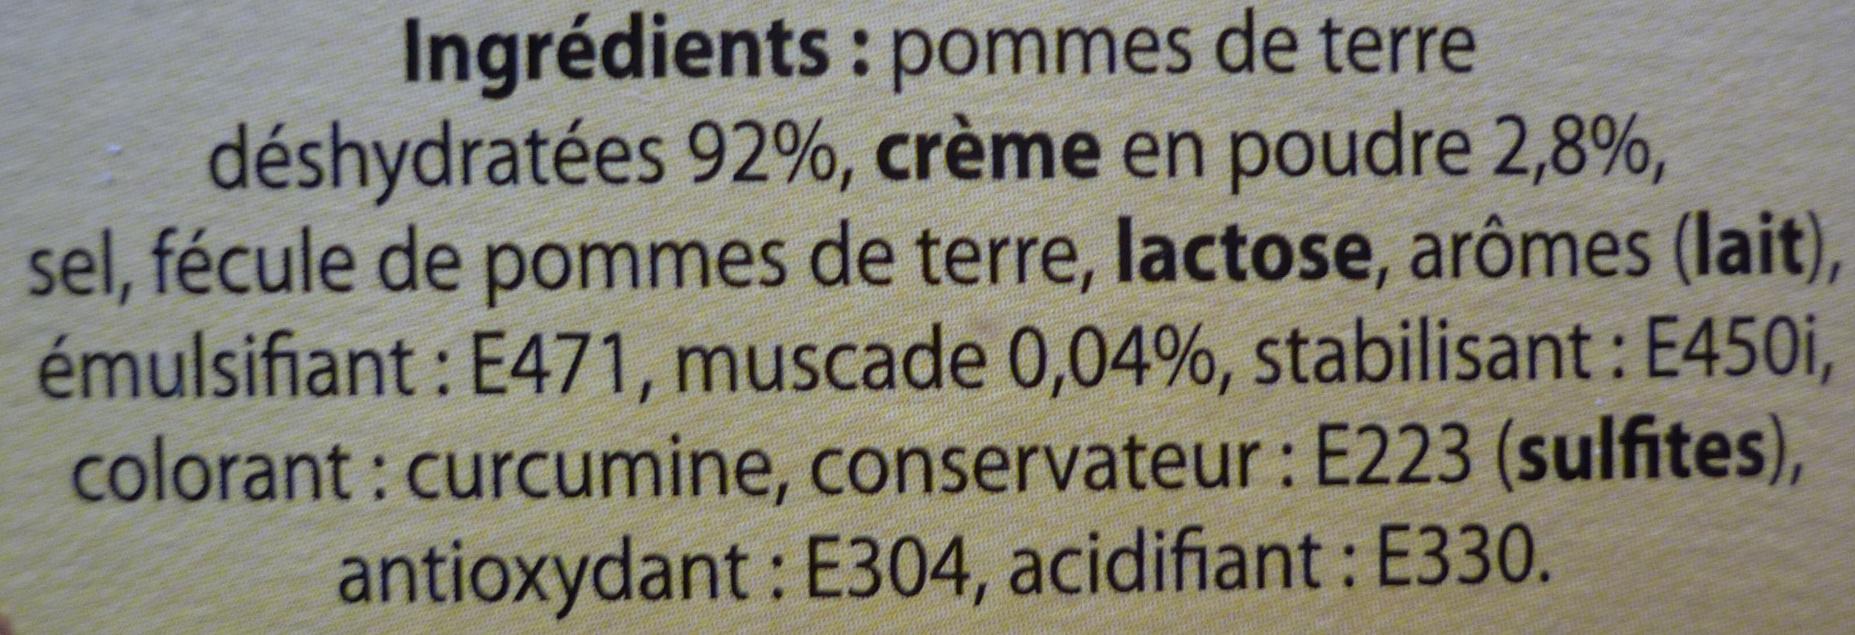 Purée à l'Ancienne - Ingrédients - fr